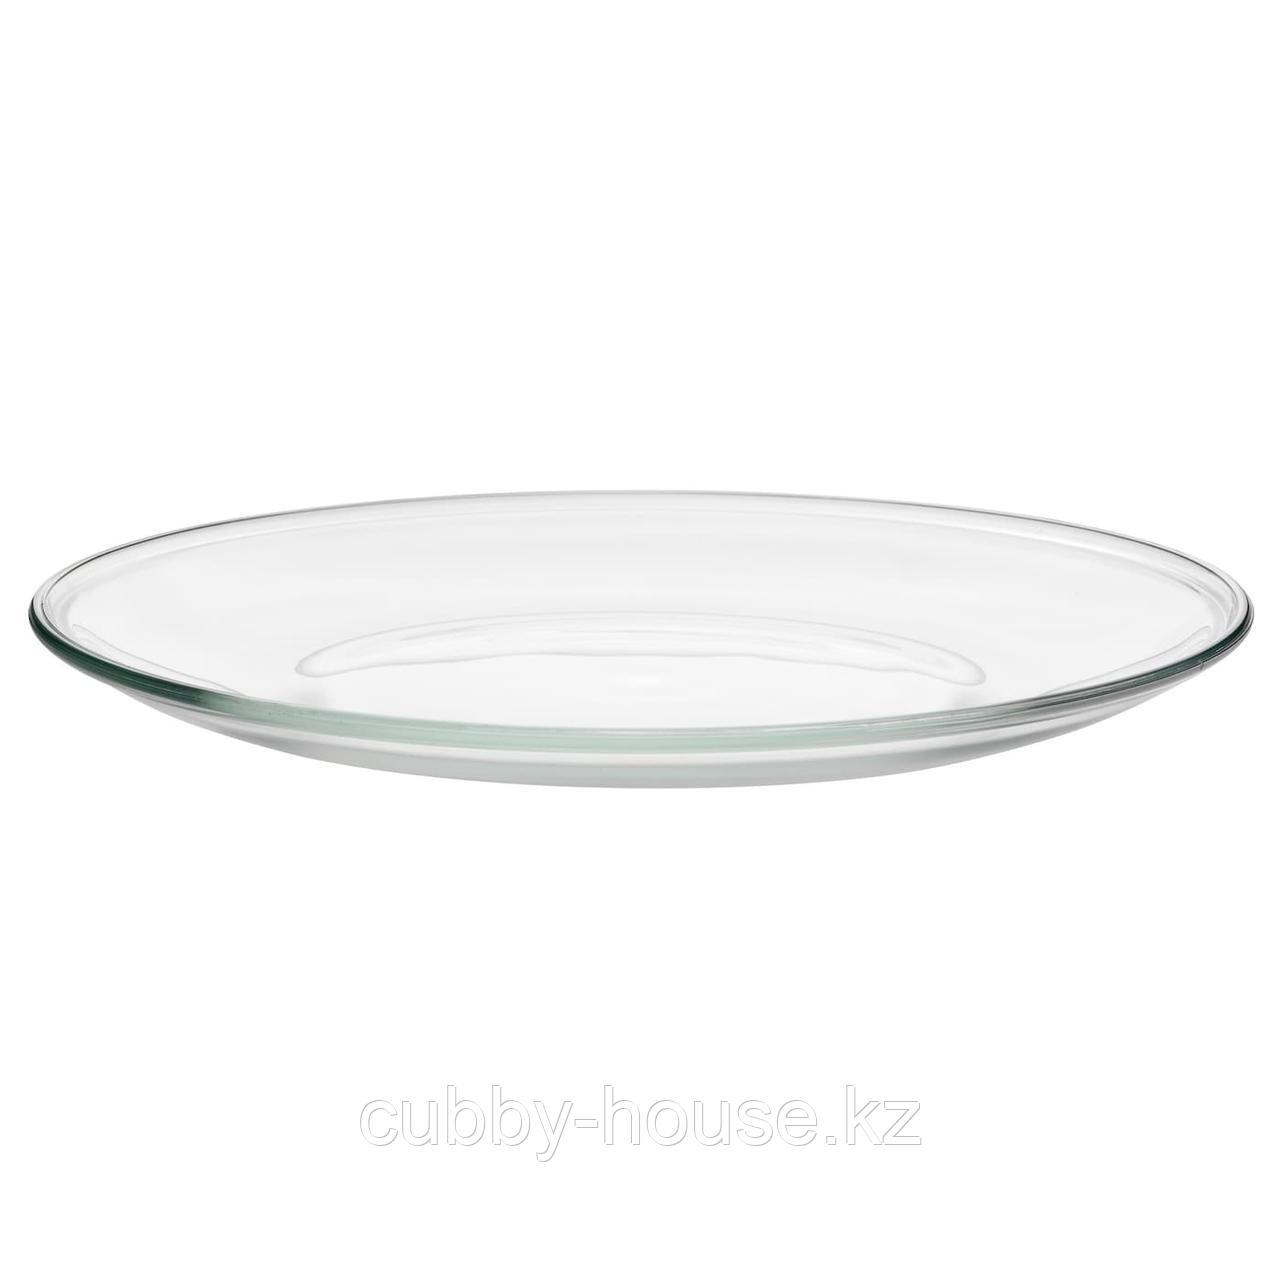 ОППЕН Тарелка, прозрачное стекло, 23 см